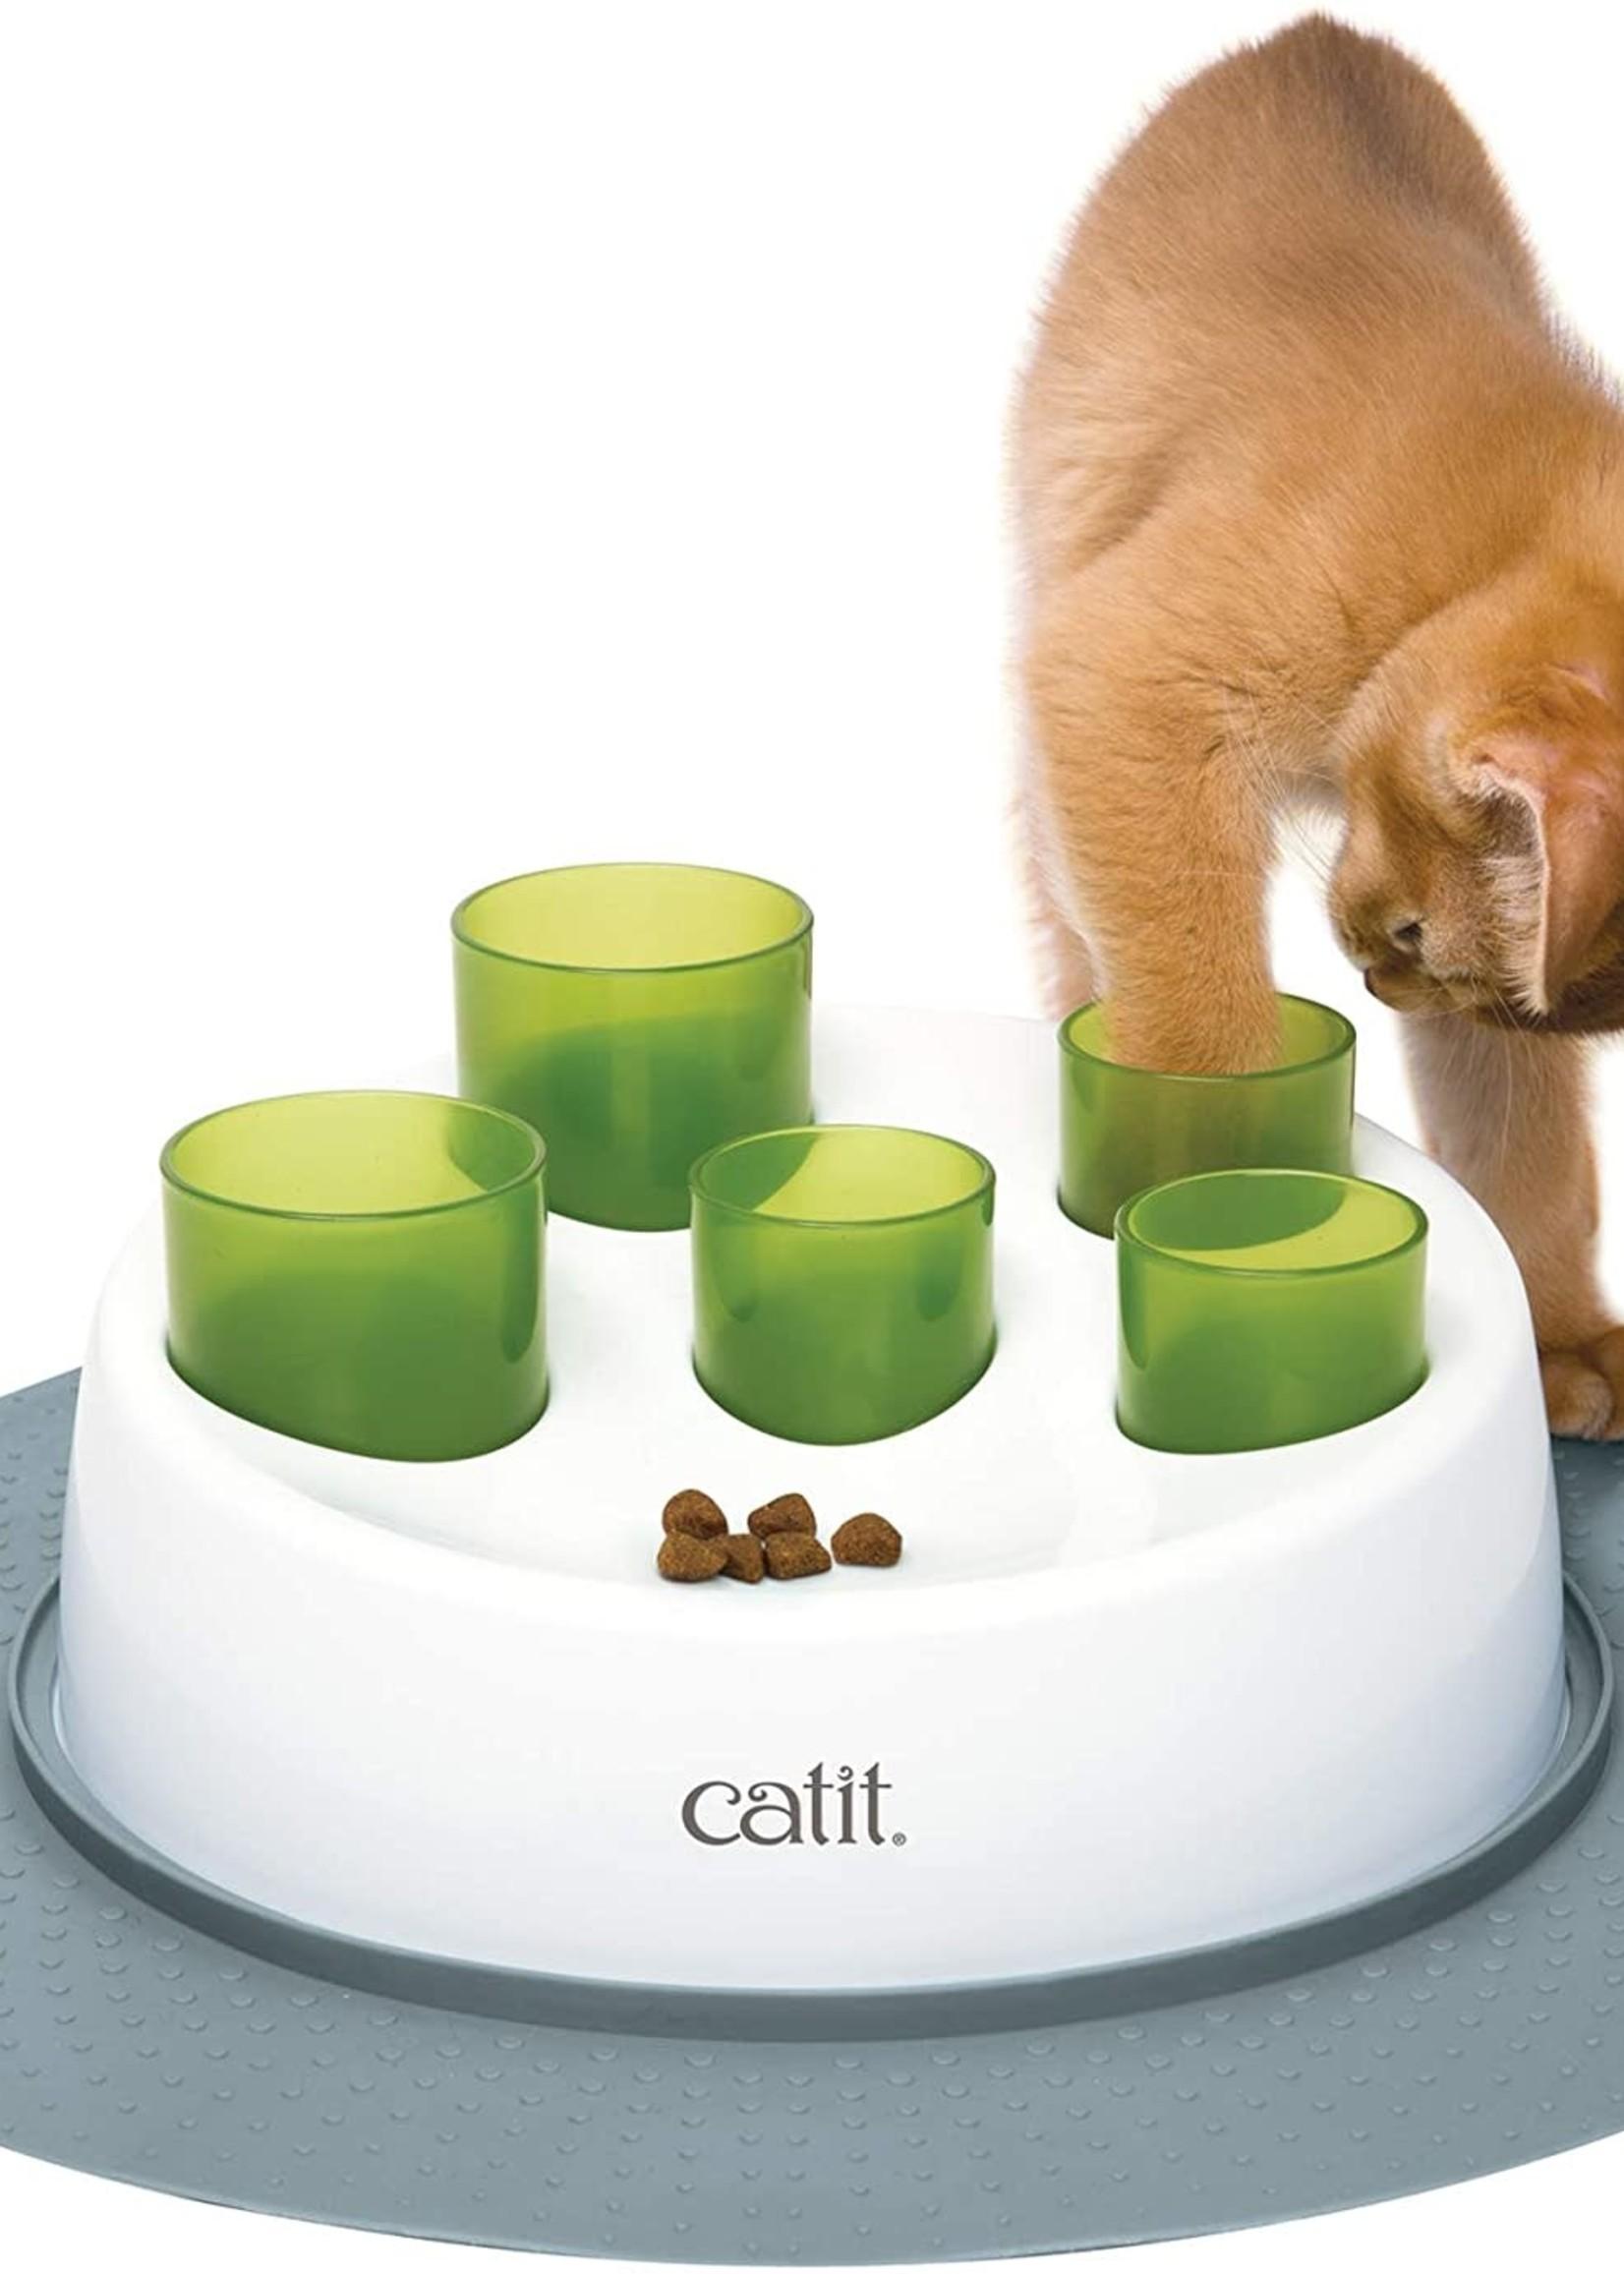 CatIt Catit Senses 2.0 Digger